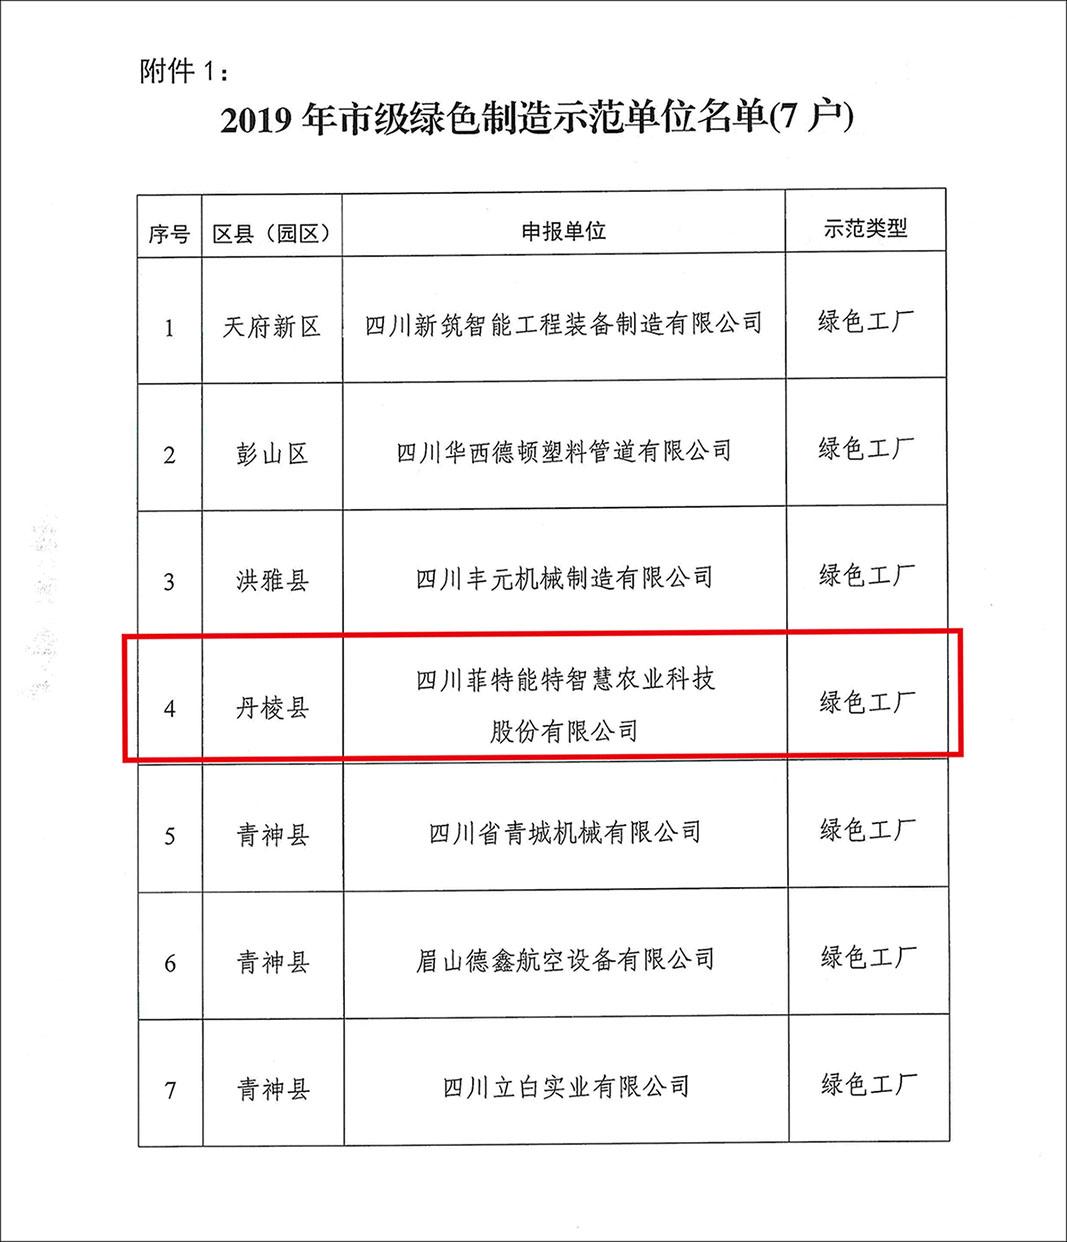 关于公布眉山市2019年绿色制造示范单位和智能制造示范单位名单的通知-3.jpg